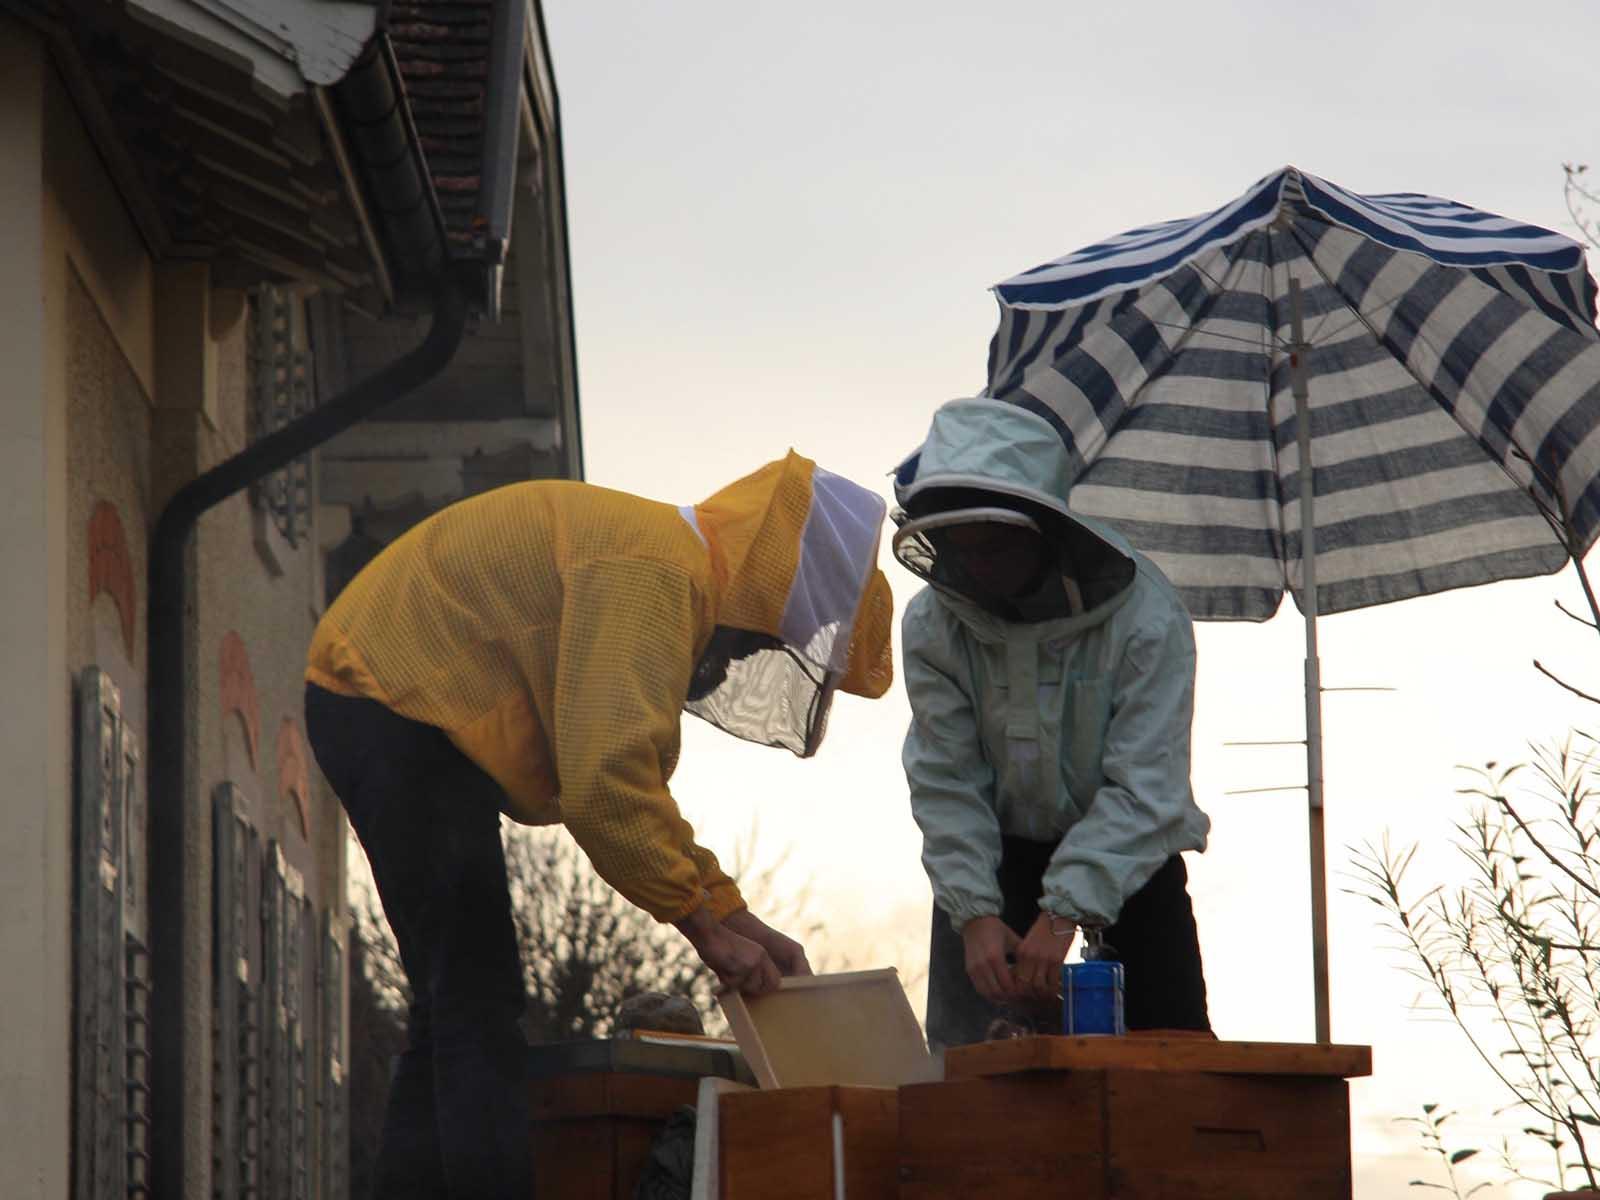 Imker*innen auf dem Dach des Würfels bei der letzten Kontrolle der Bienenstöcke vor dem Winter.